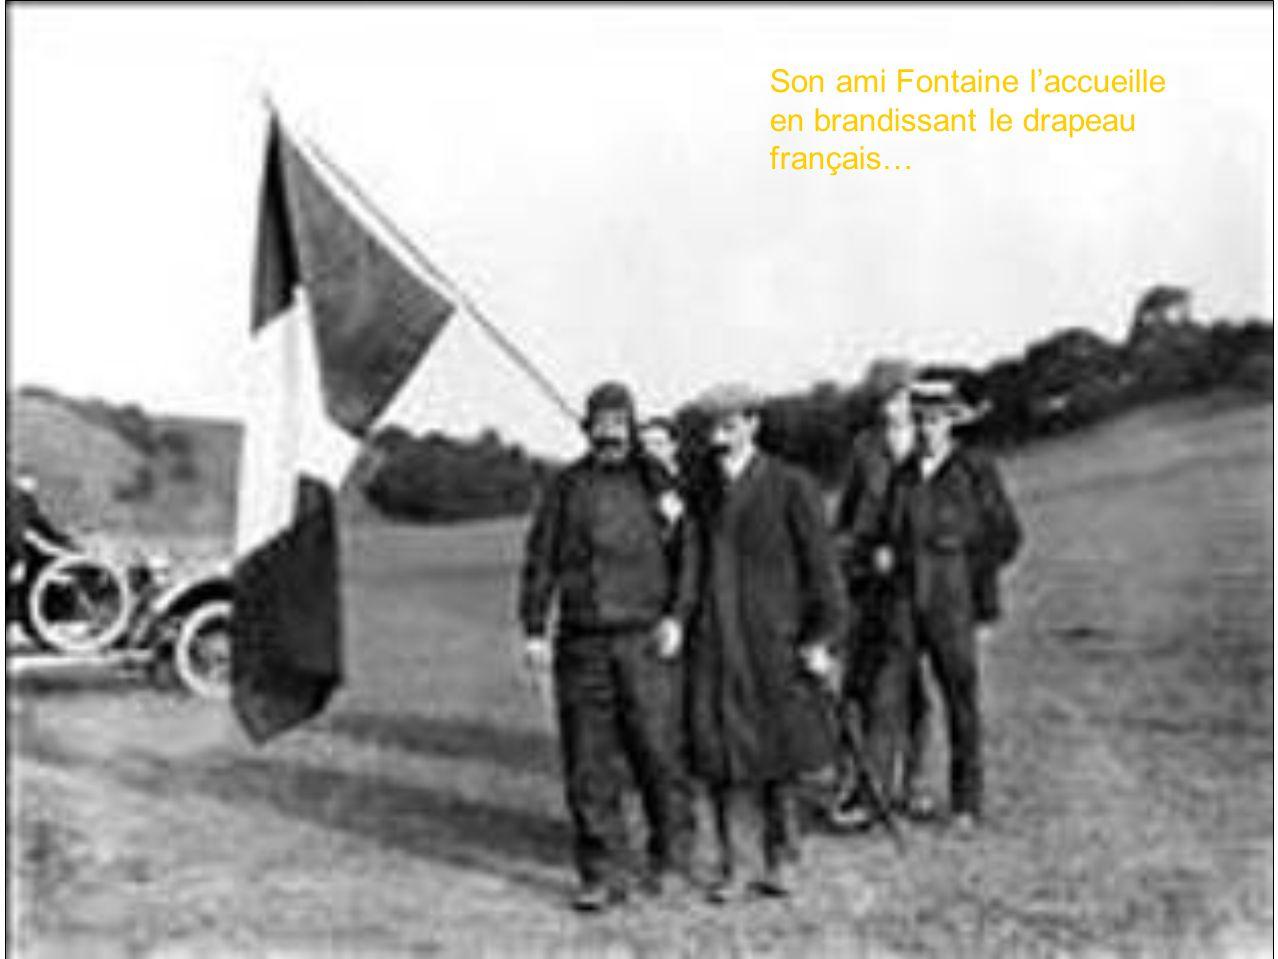 Son ami Fontaine laccueille en brandissant le drapeau français…